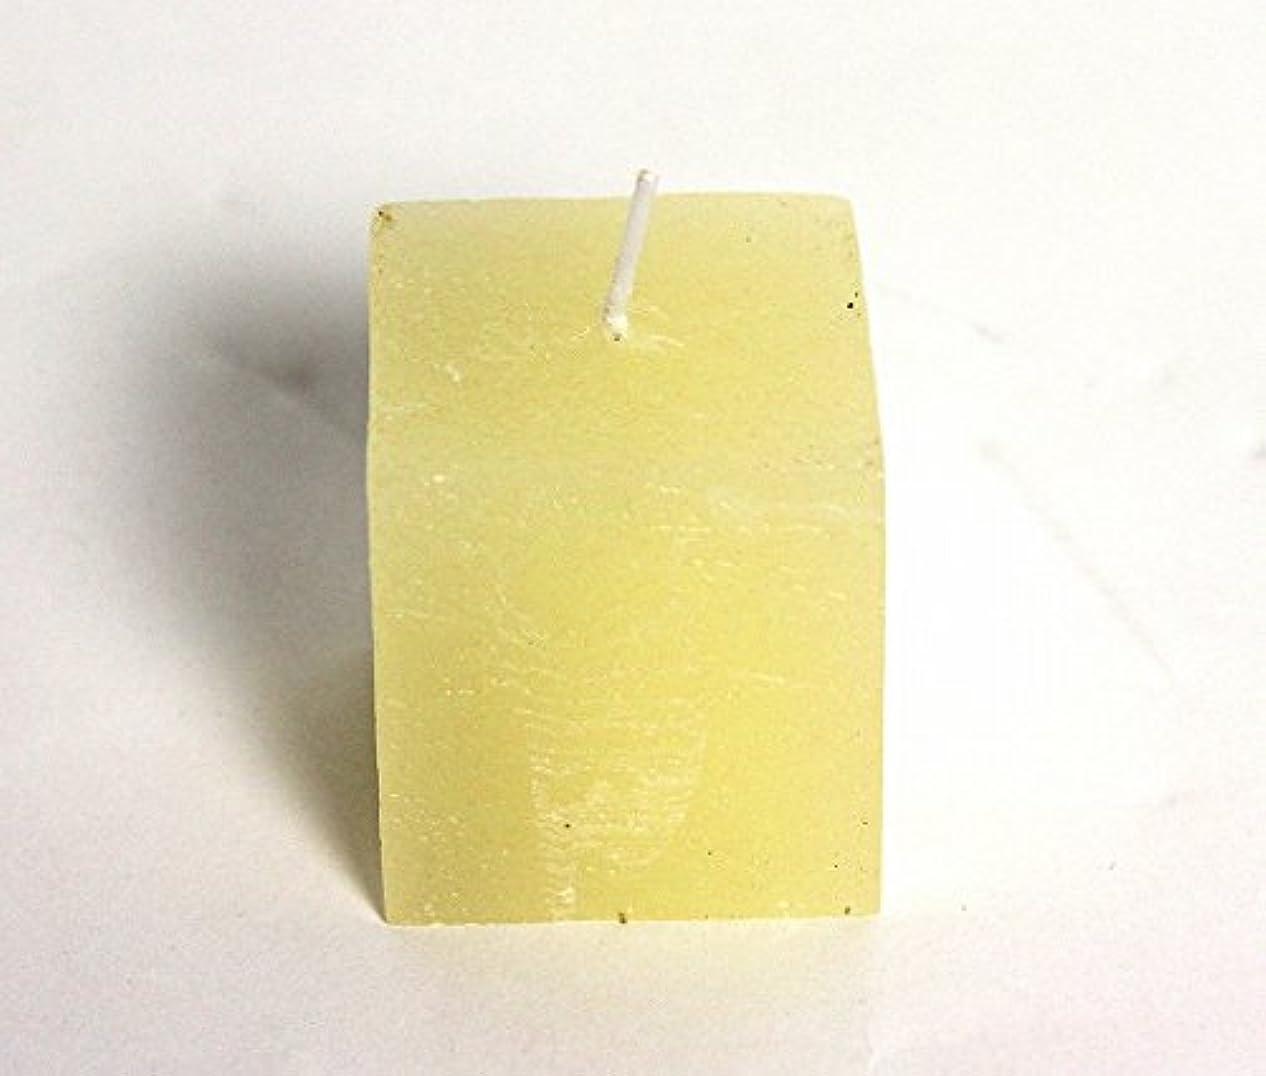 教授妻エレクトロニックカメヤマキャンドル( kameyama candle ) ラスティクミニキューブ 「 アイボリー 」